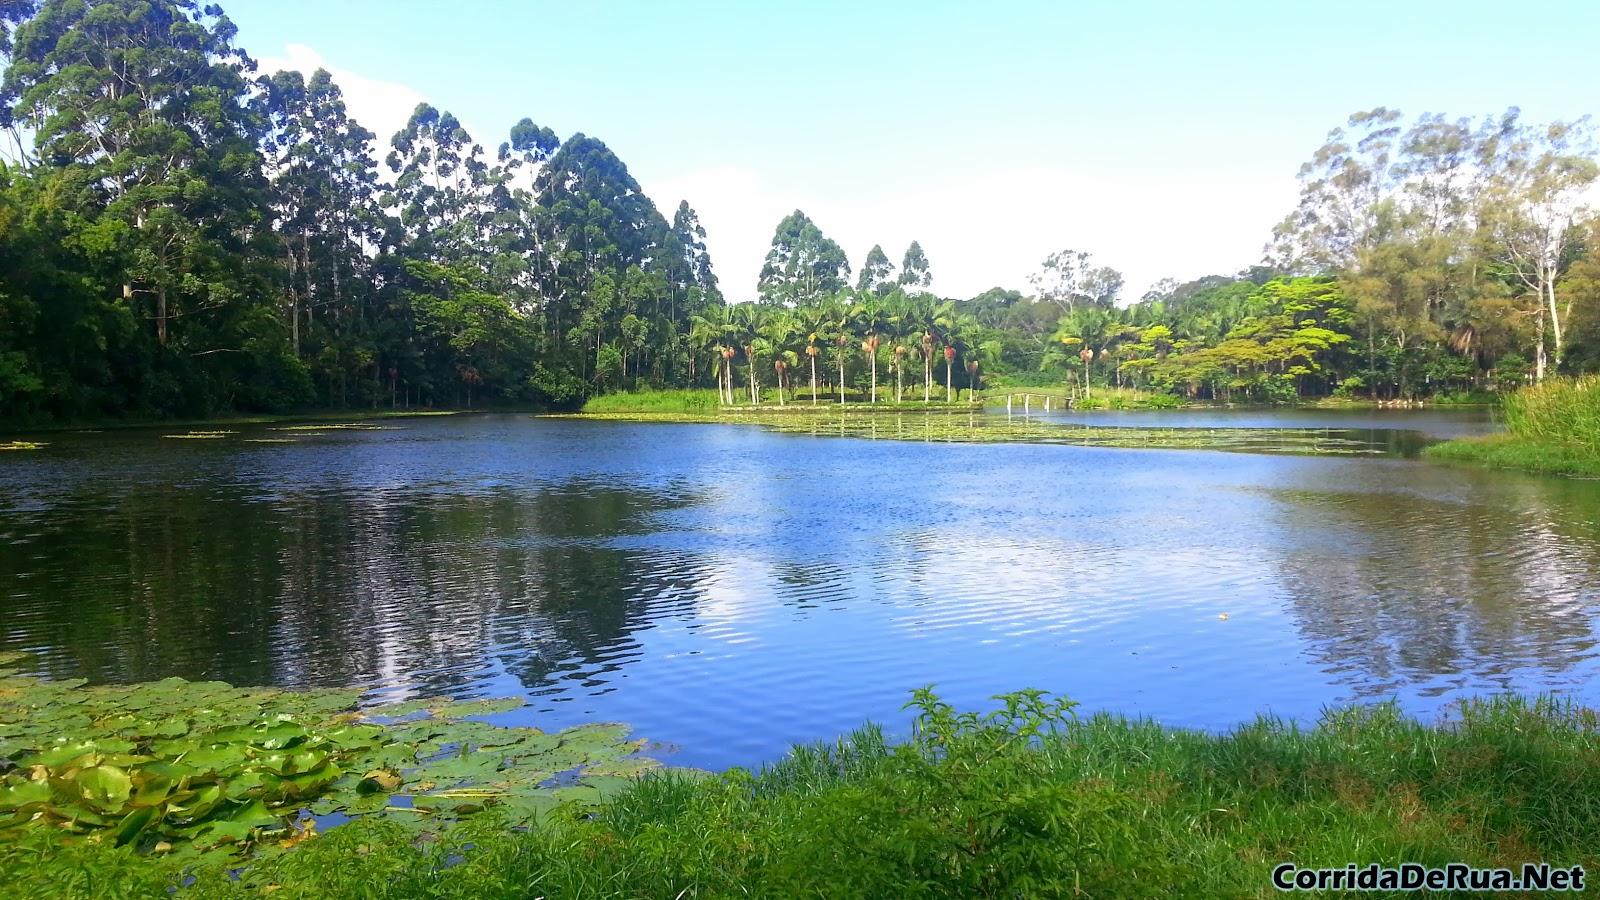 Corrida no Parque Jacques Custeau - Região de Interlagos - São Paulo